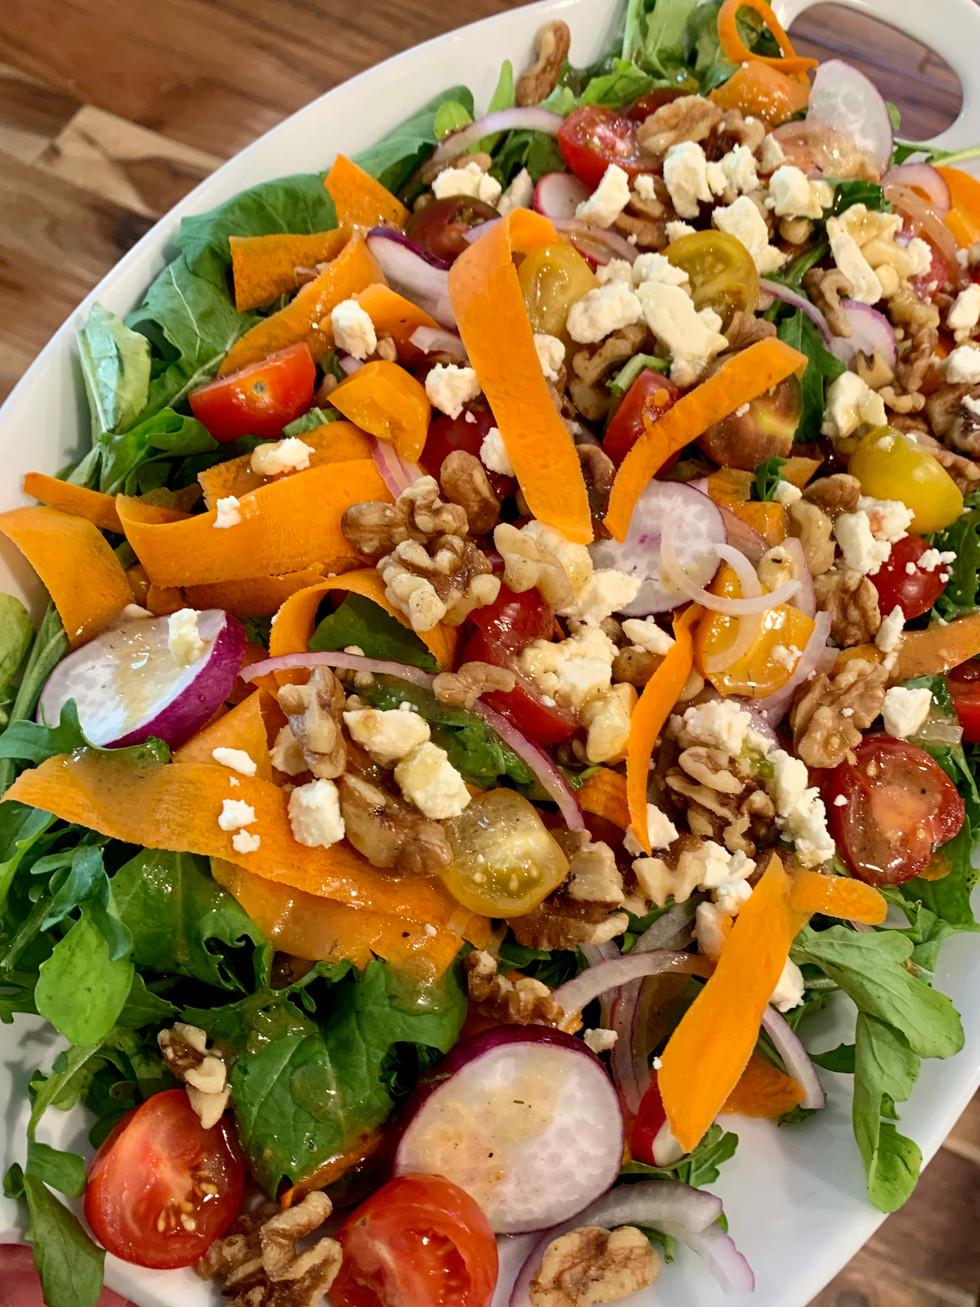 Arugula & Chickpea Salad